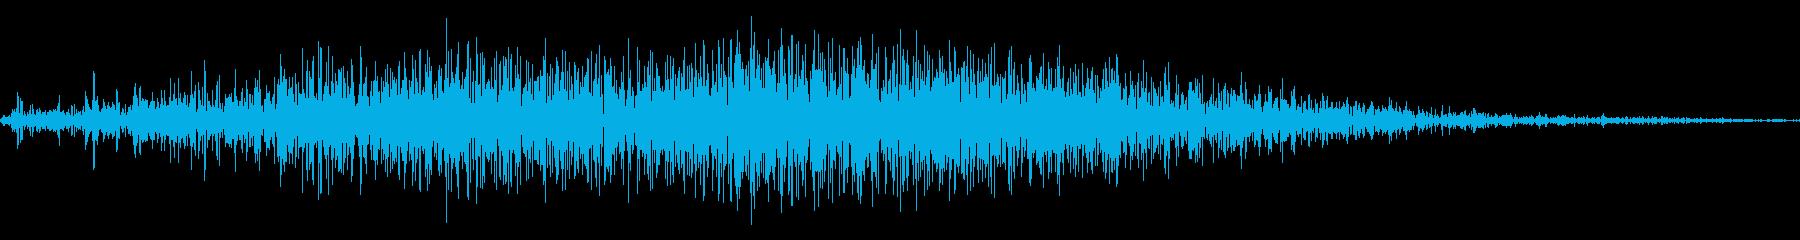 ザッ、シャッの再生済みの波形